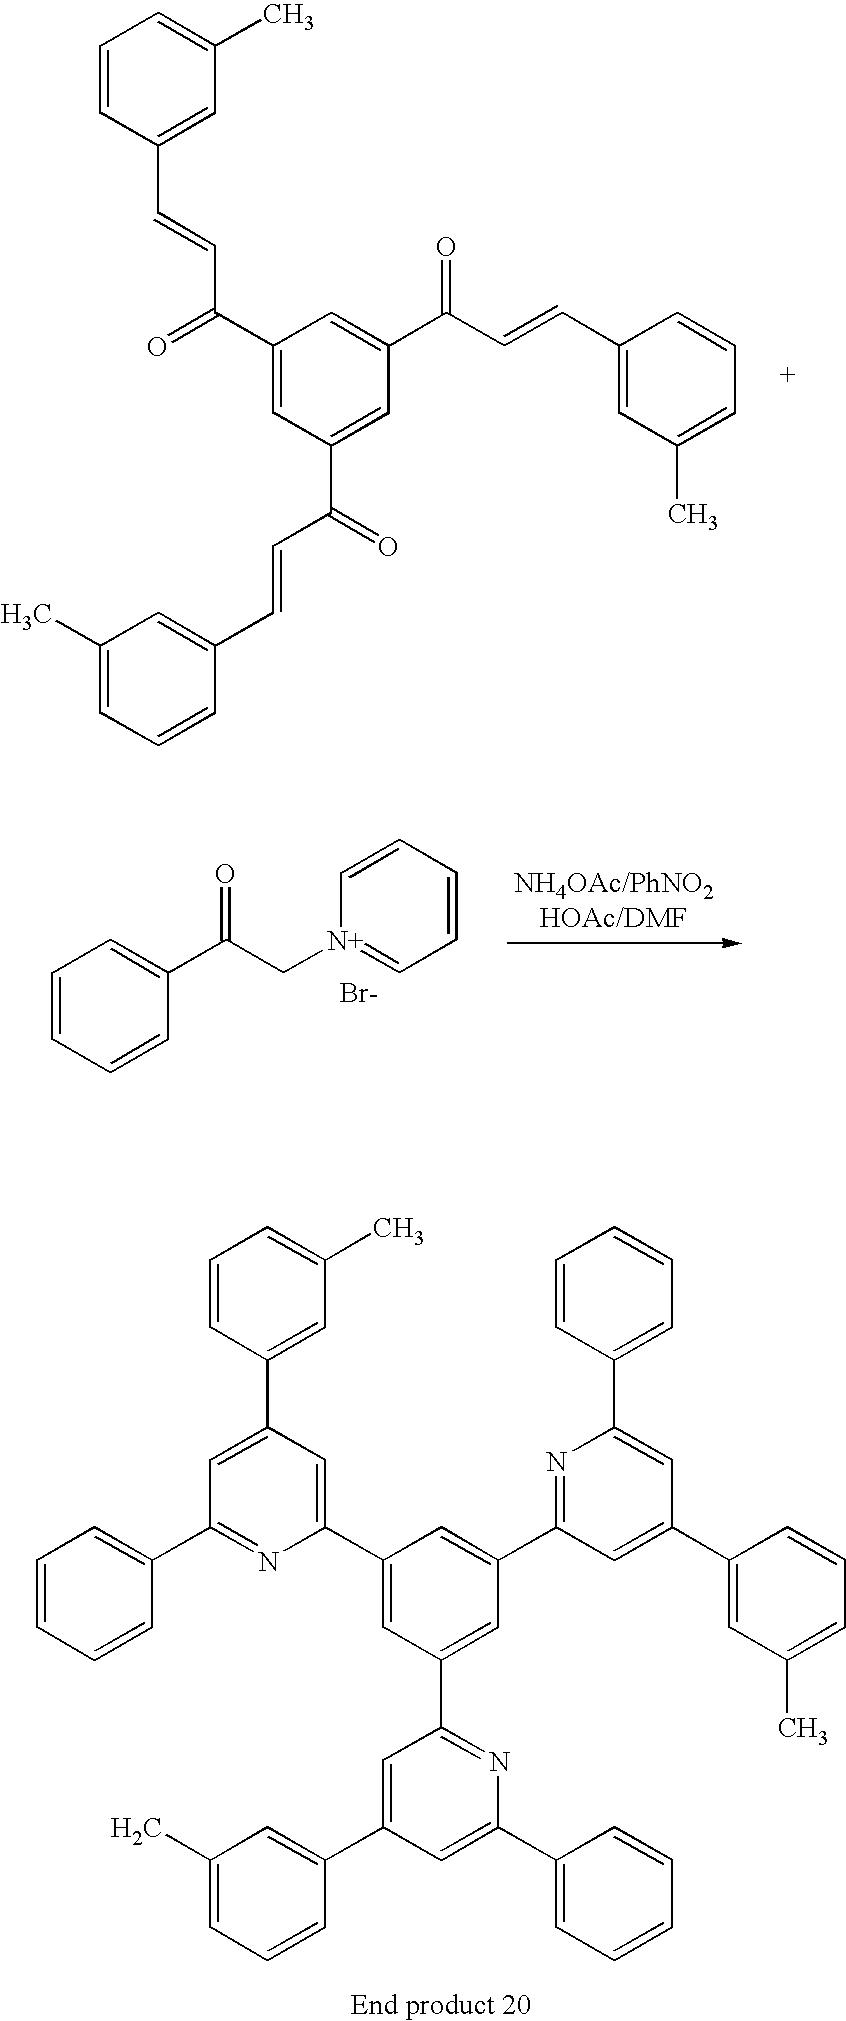 Figure US20060186796A1-20060824-C00141